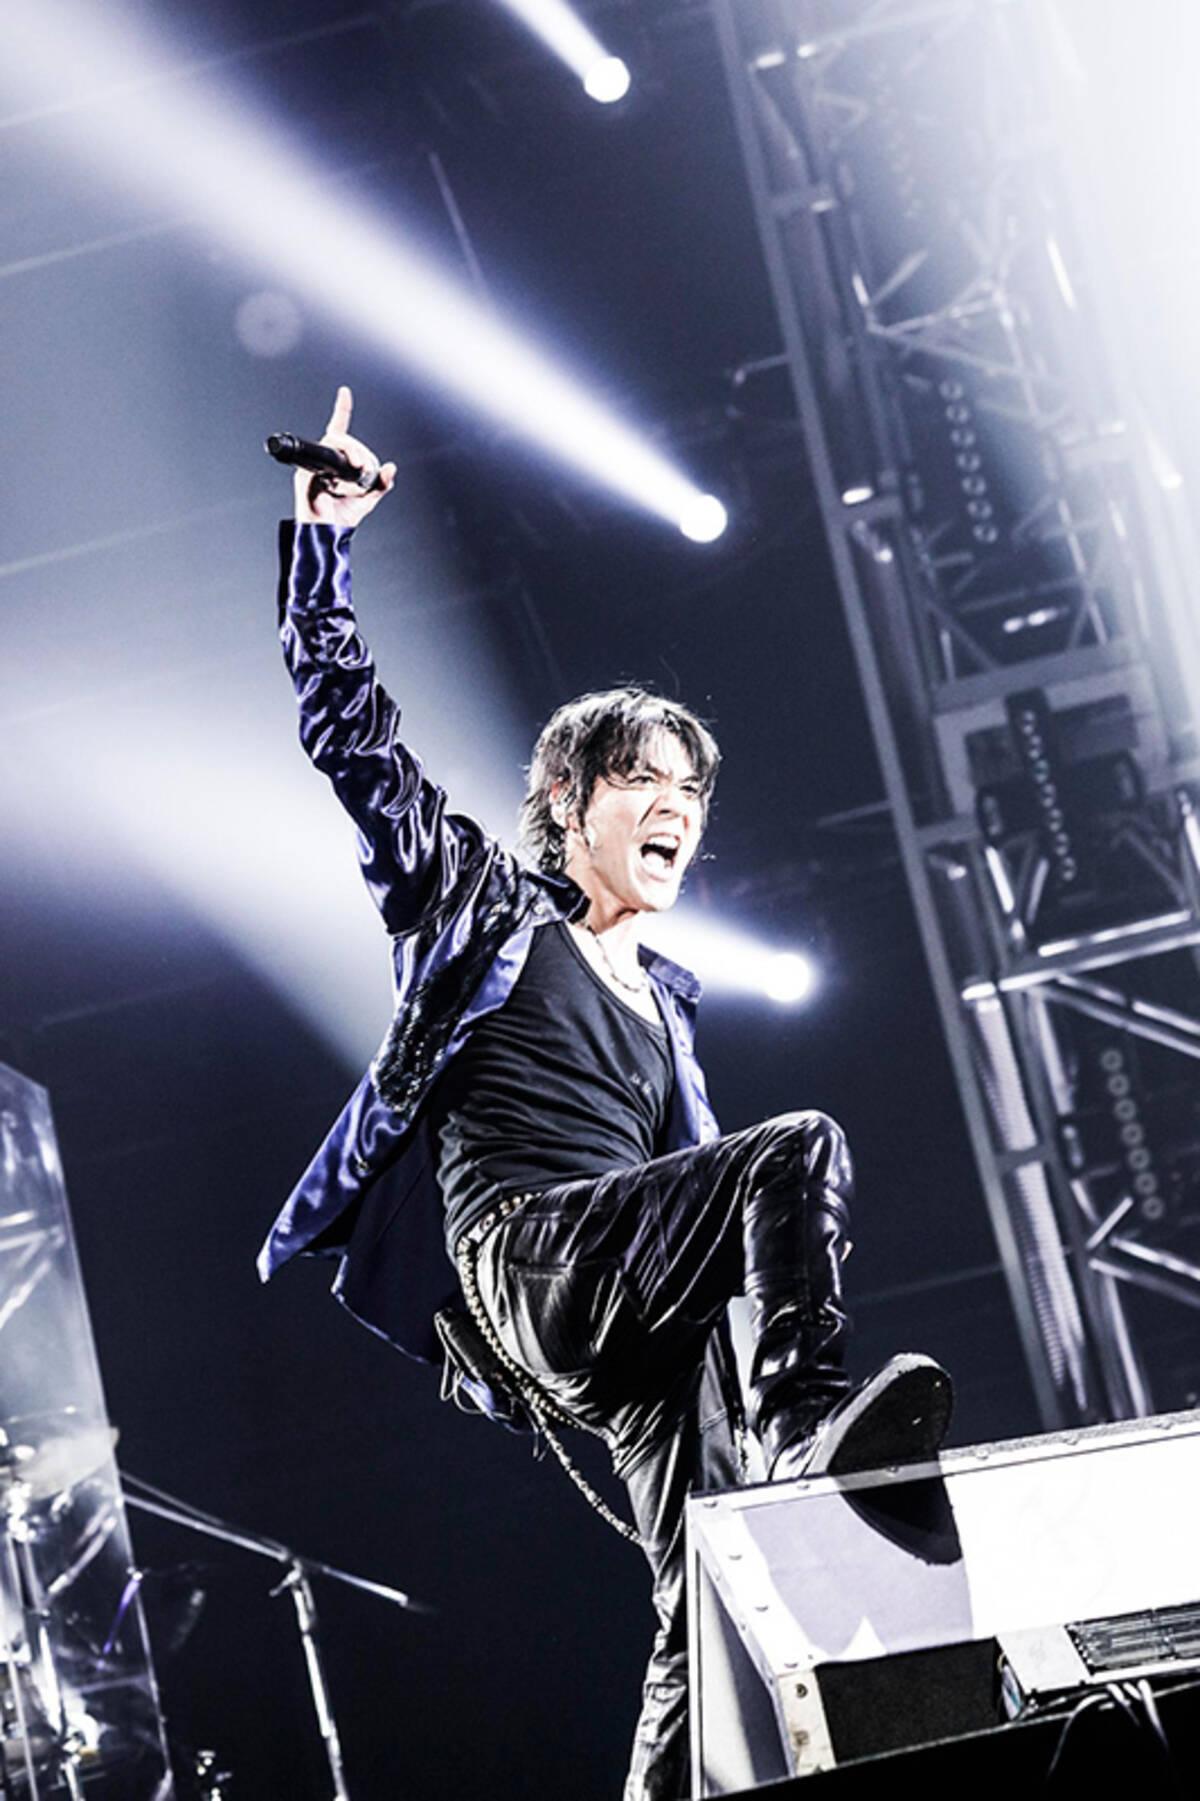 氷室京介 ファイナルライブ4大ドームツアーの最終公演が映像化 16年12月22日 エキサイトニュース